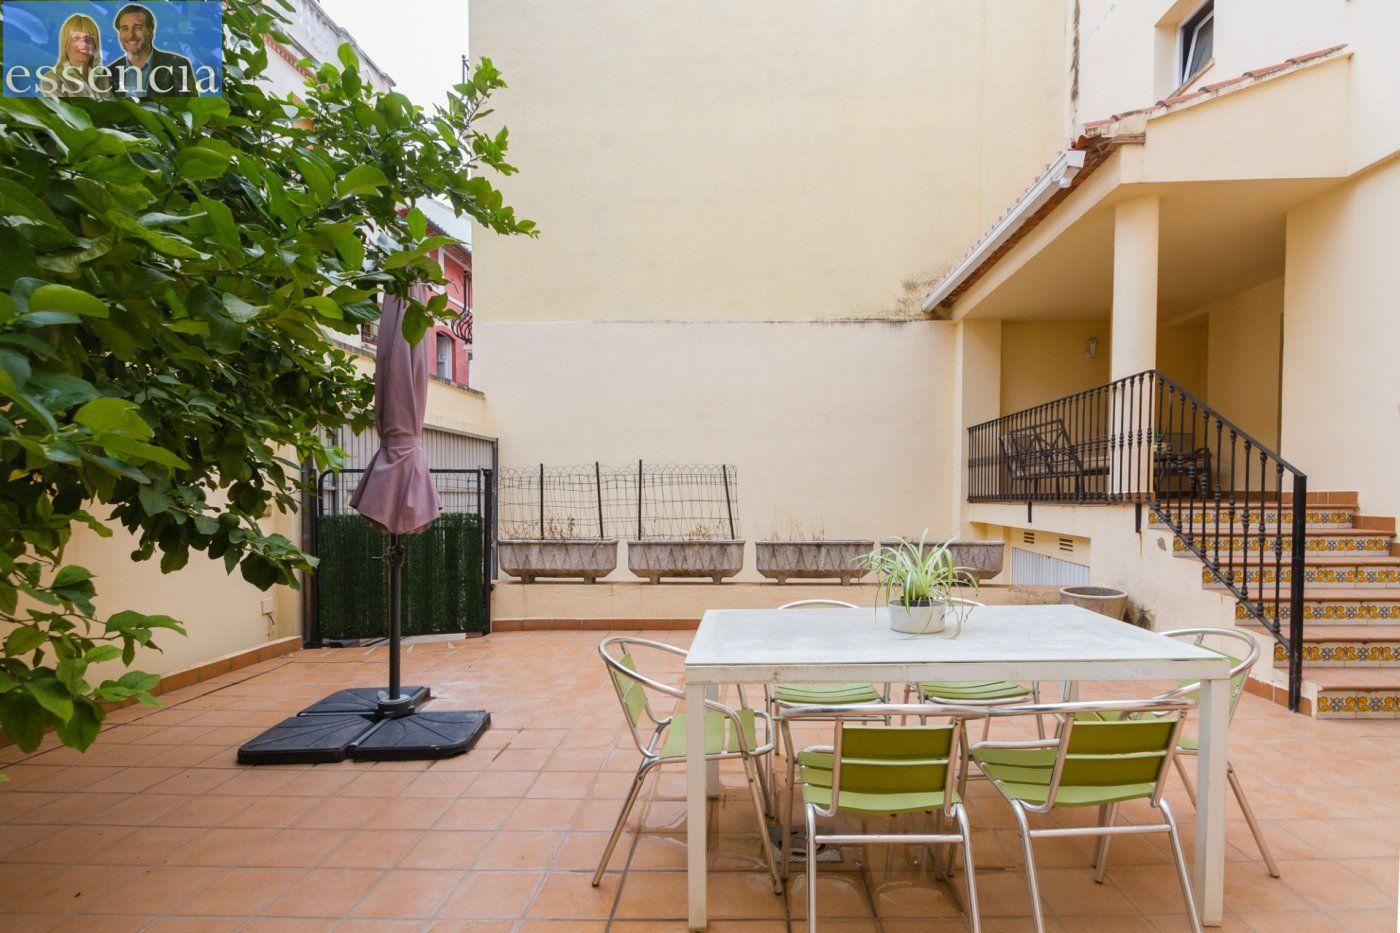 Casa con encanto en el centro de gandÍa para clientes vip - imagenInmueble17